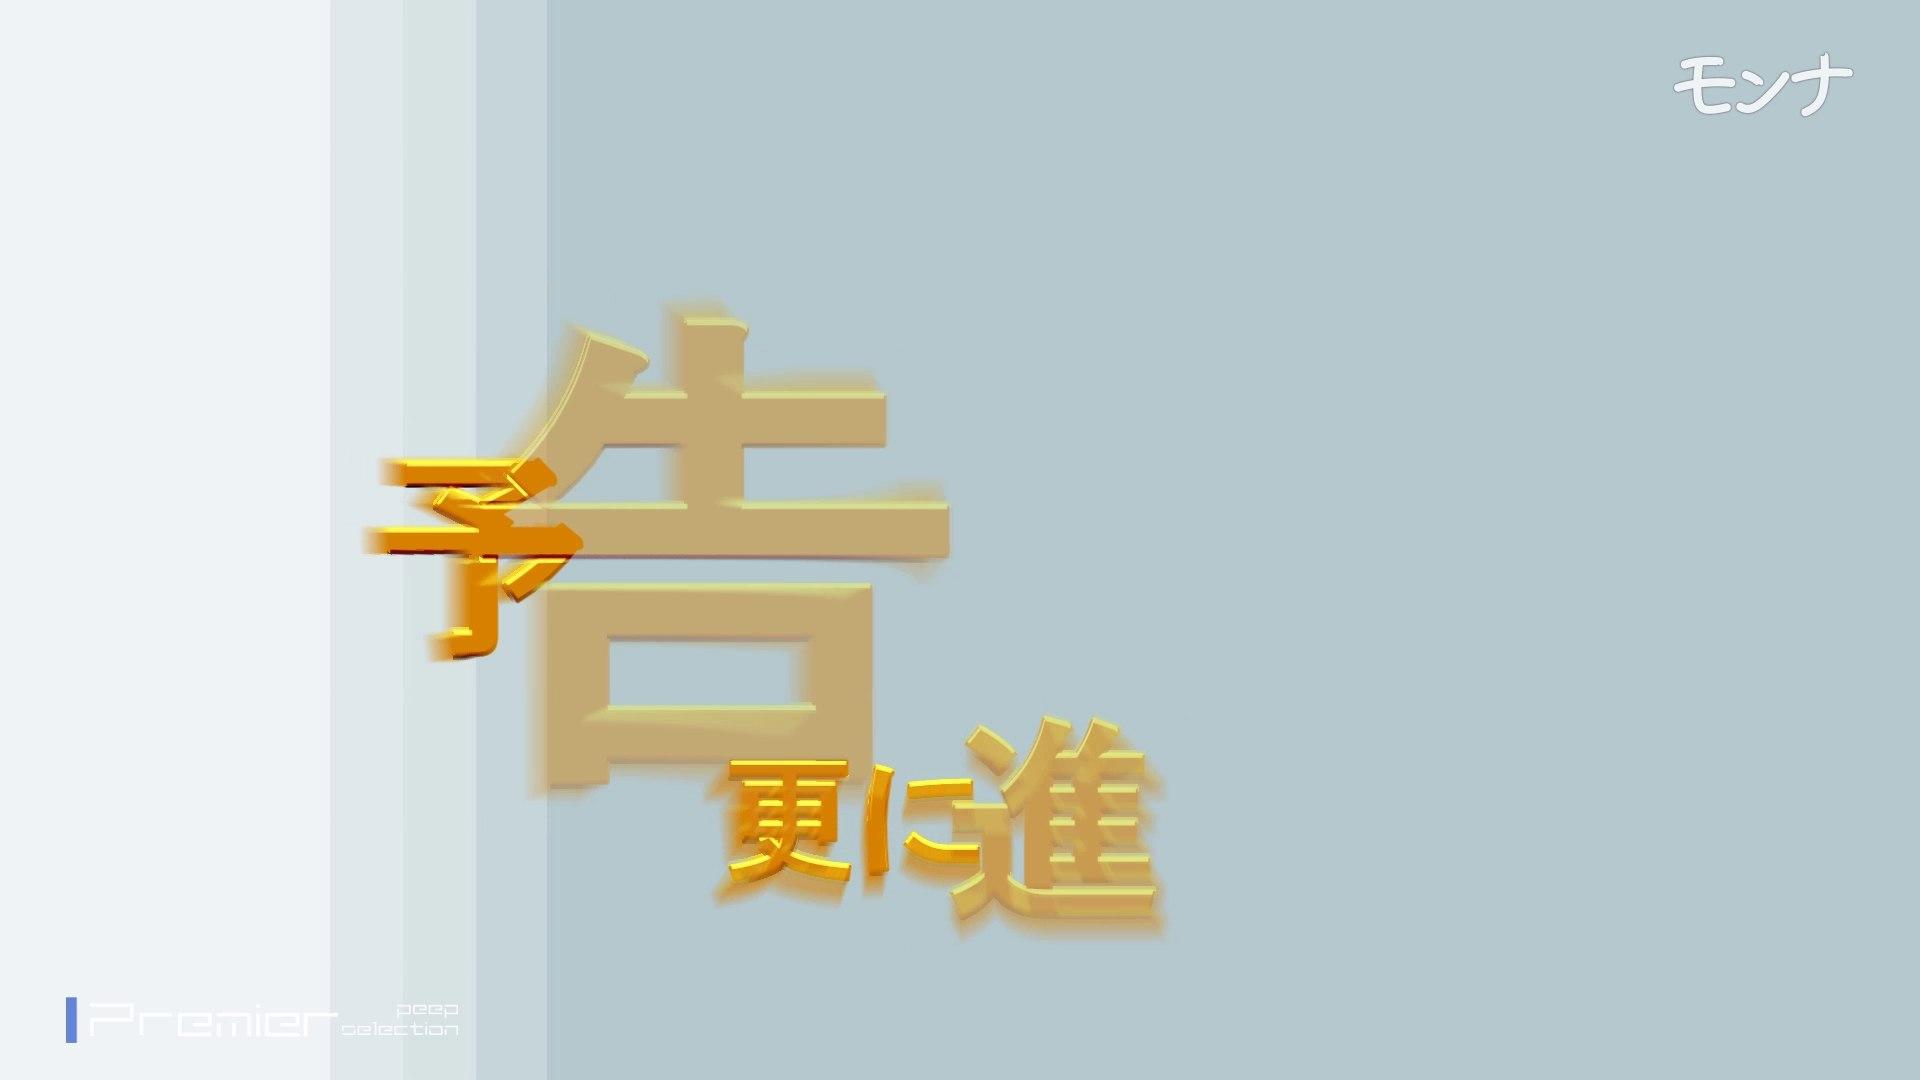 美しい日本の未来 No.55 普通の子たちの日常調長身あり ギャルズ  68画像 12